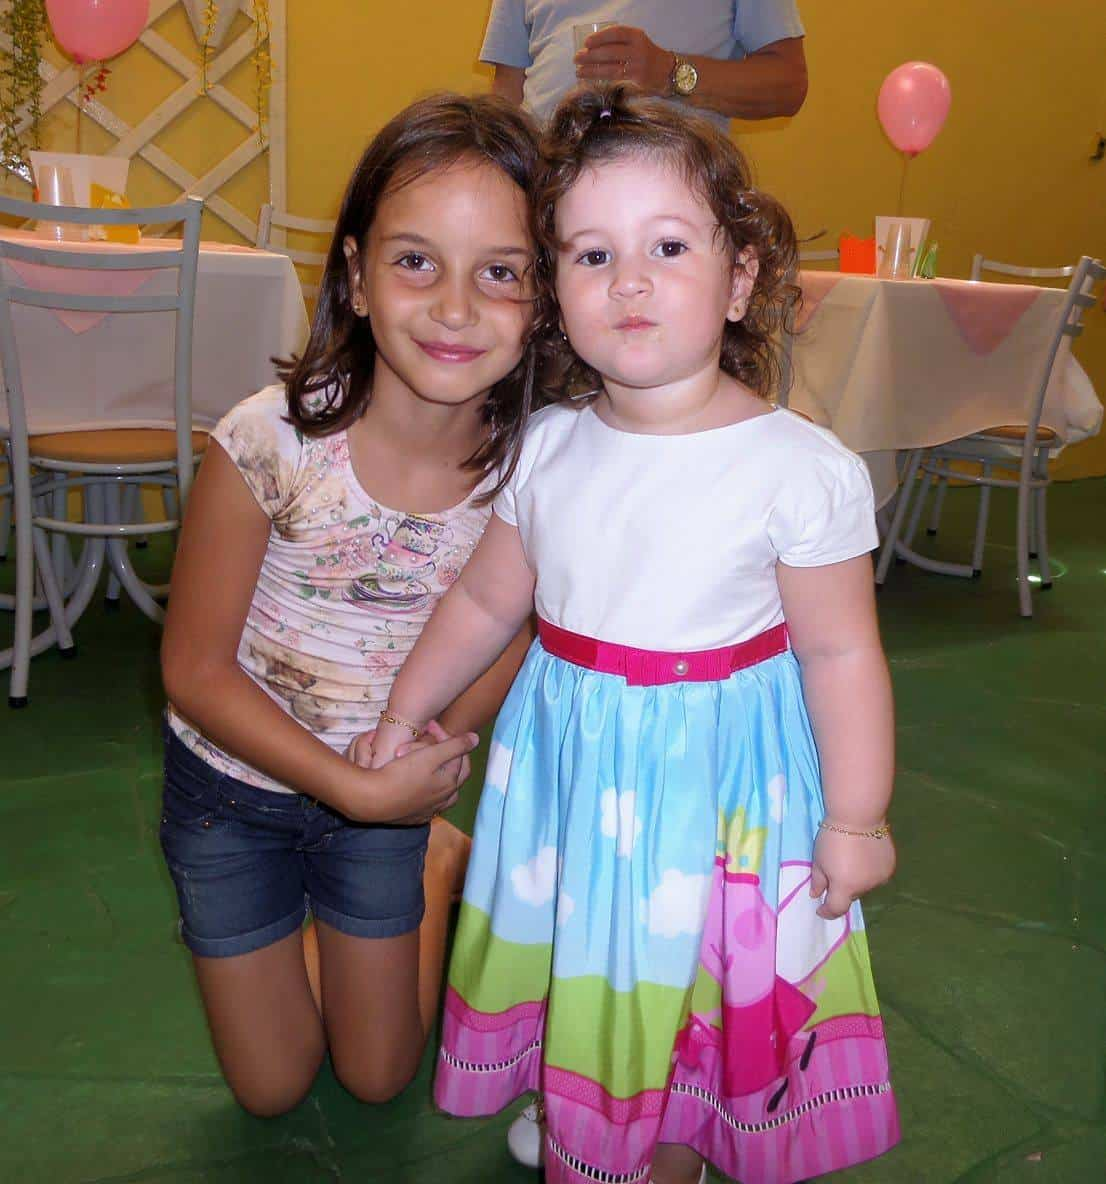 17453720 1226775720775534 109269157 o Elas vestem vestidos infantil de festa Ana Giovanna